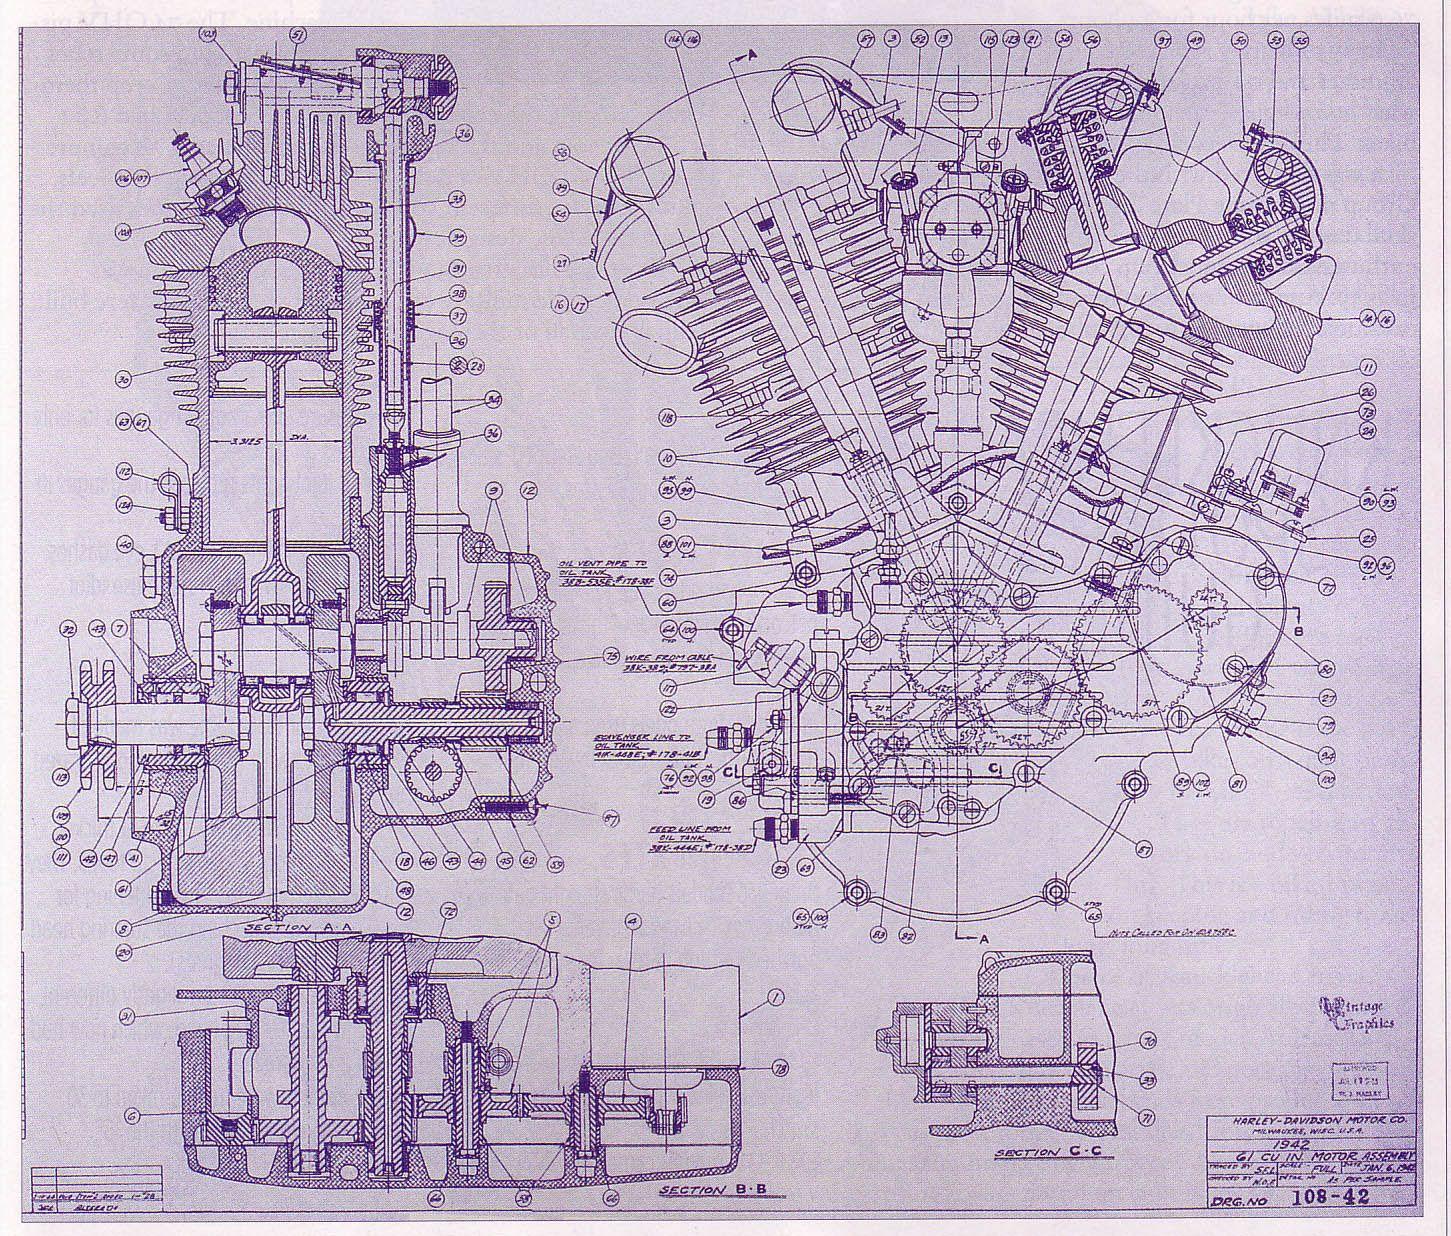 harley davidson blueprints google search white motorcycle motorcycle racers motorcycle engine v [ 1451 x 1236 Pixel ]